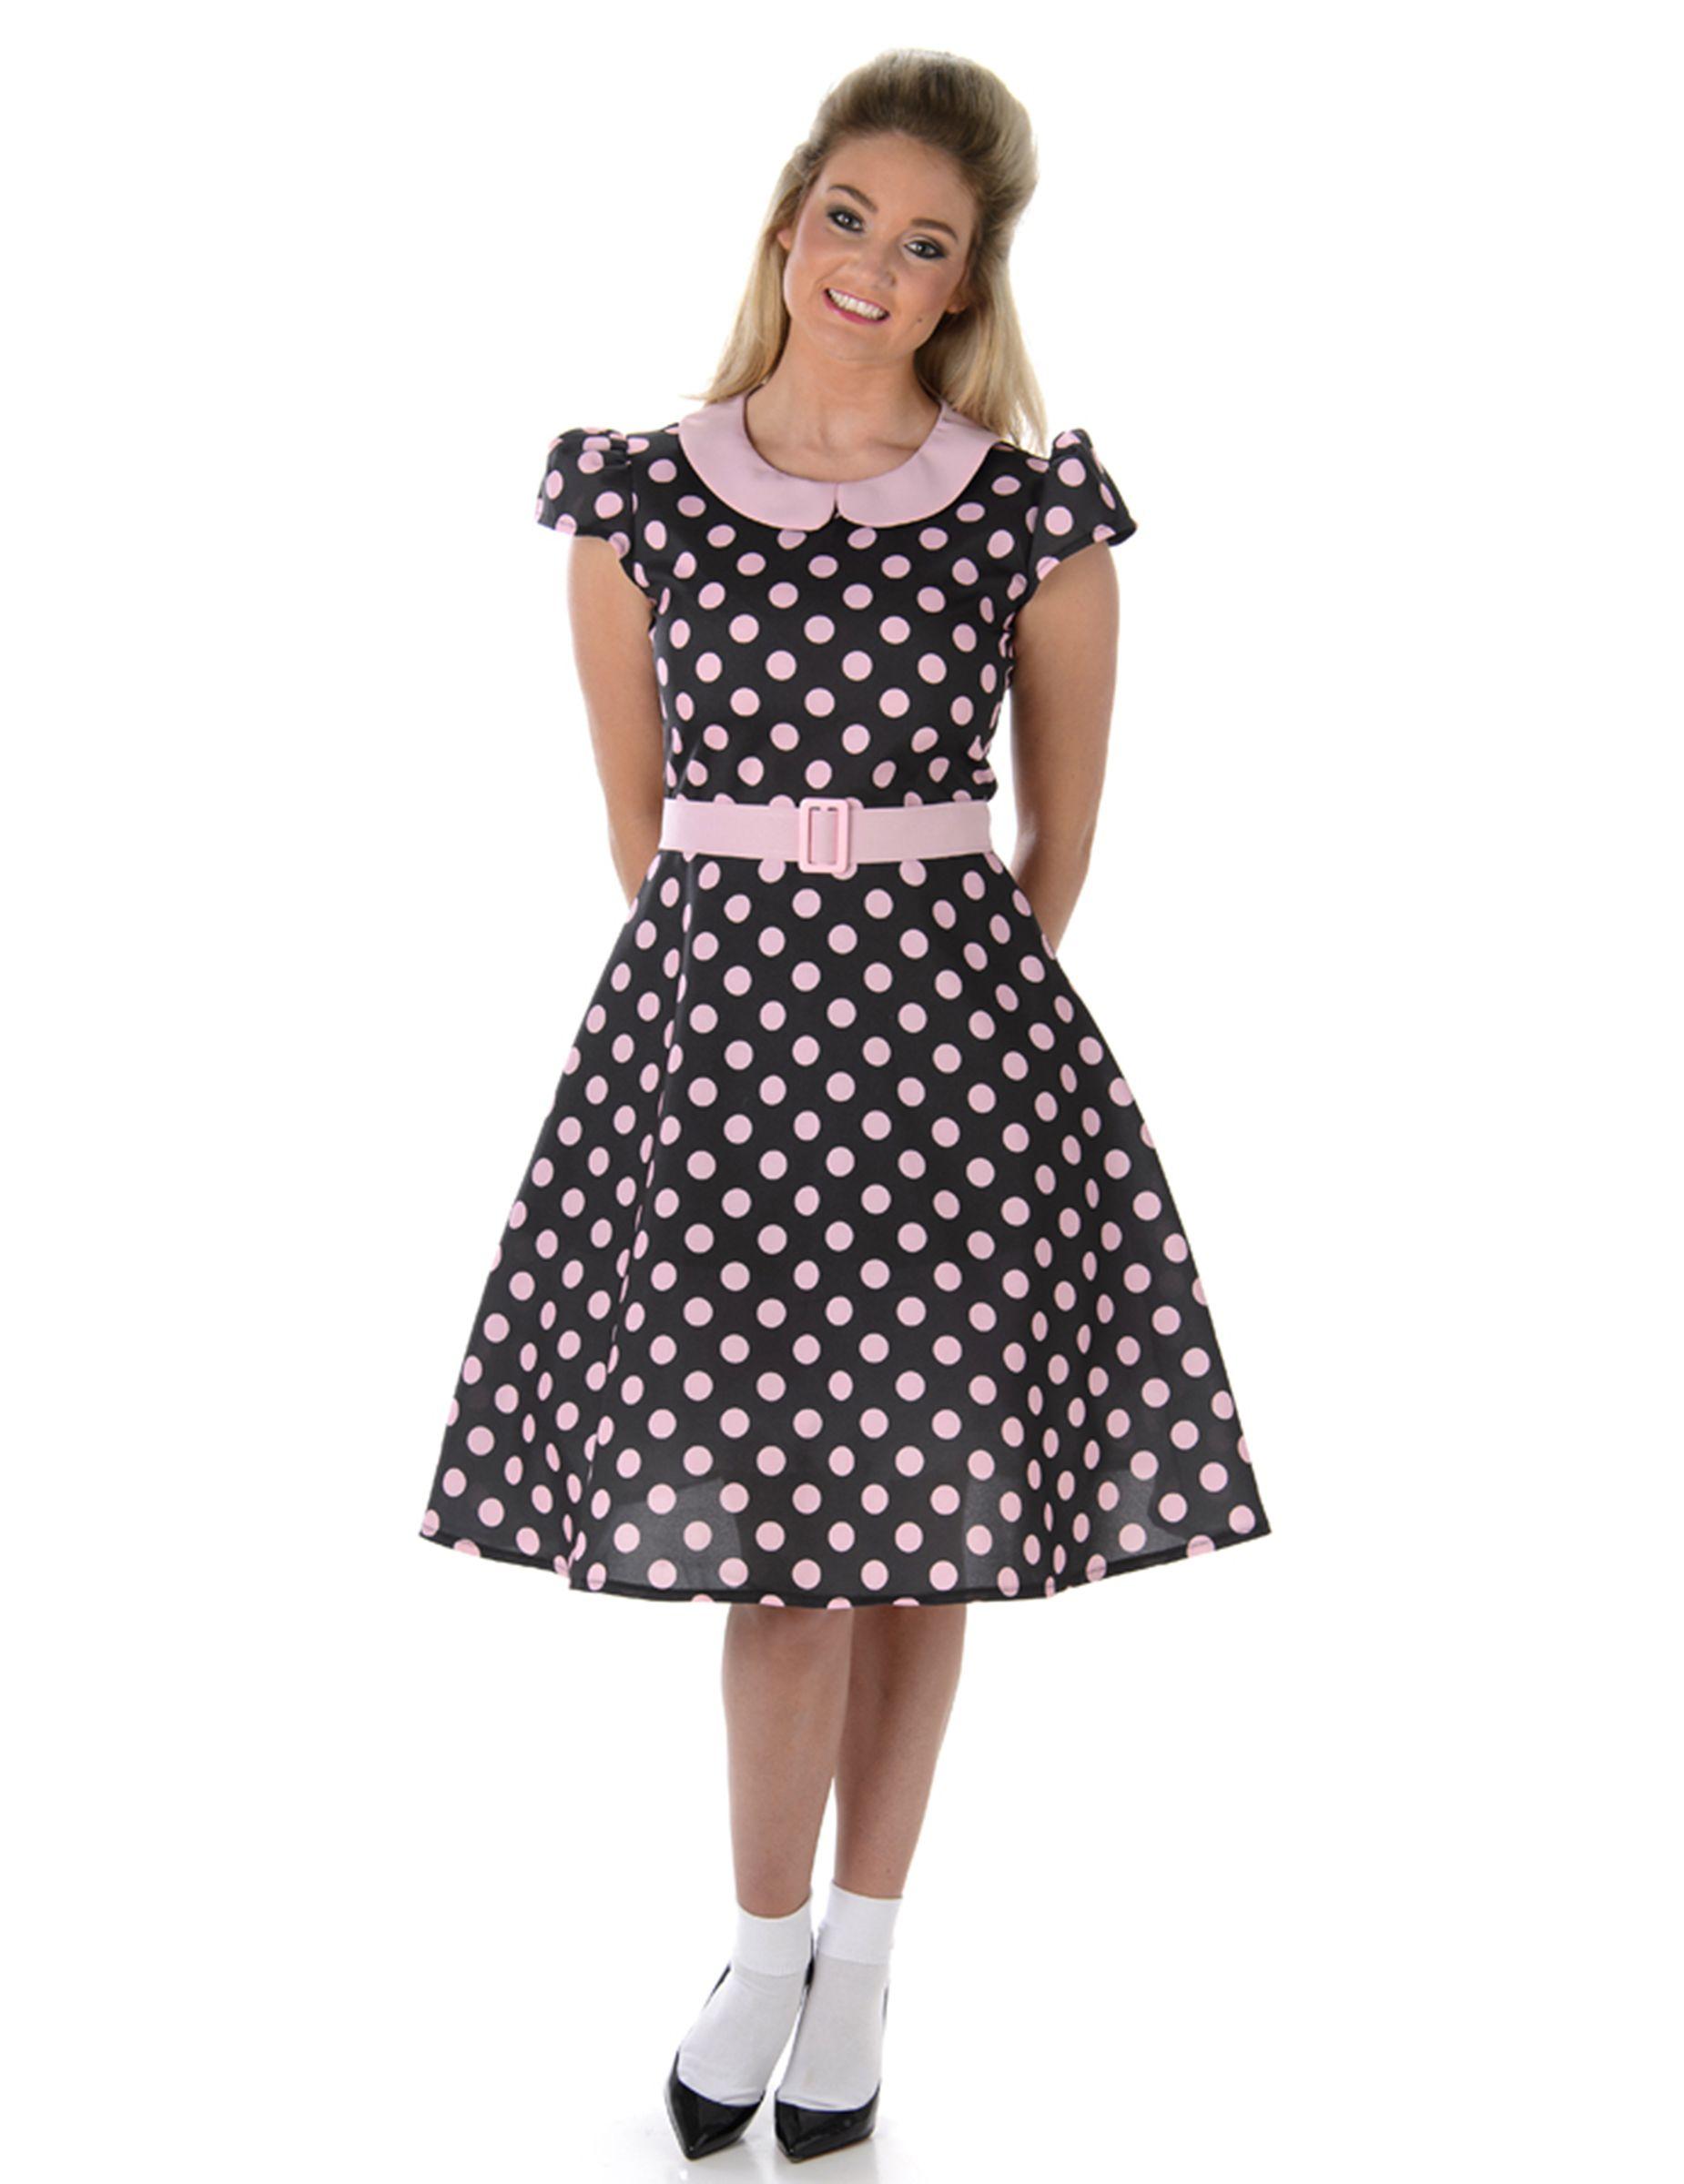 2556d438afbf1 Disfraz vestido años 50 puntos rosas mujer  Este disfraz años 50 para mujer  incluy vestido y cinturón (calcetines y zapatos no incluidos).